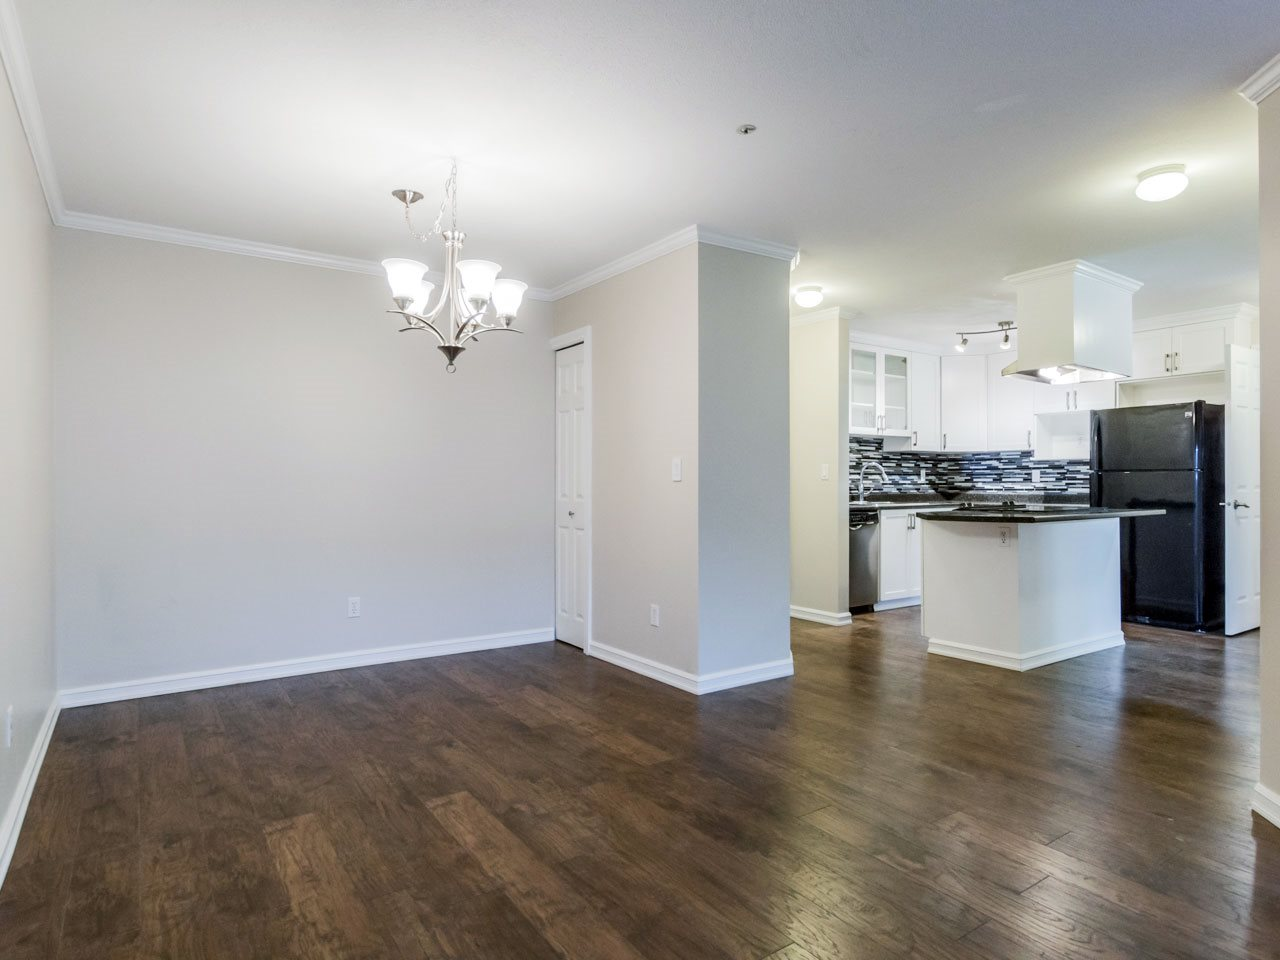 Sold: D105 - 40160 Willow Crescent, Squamish, BC